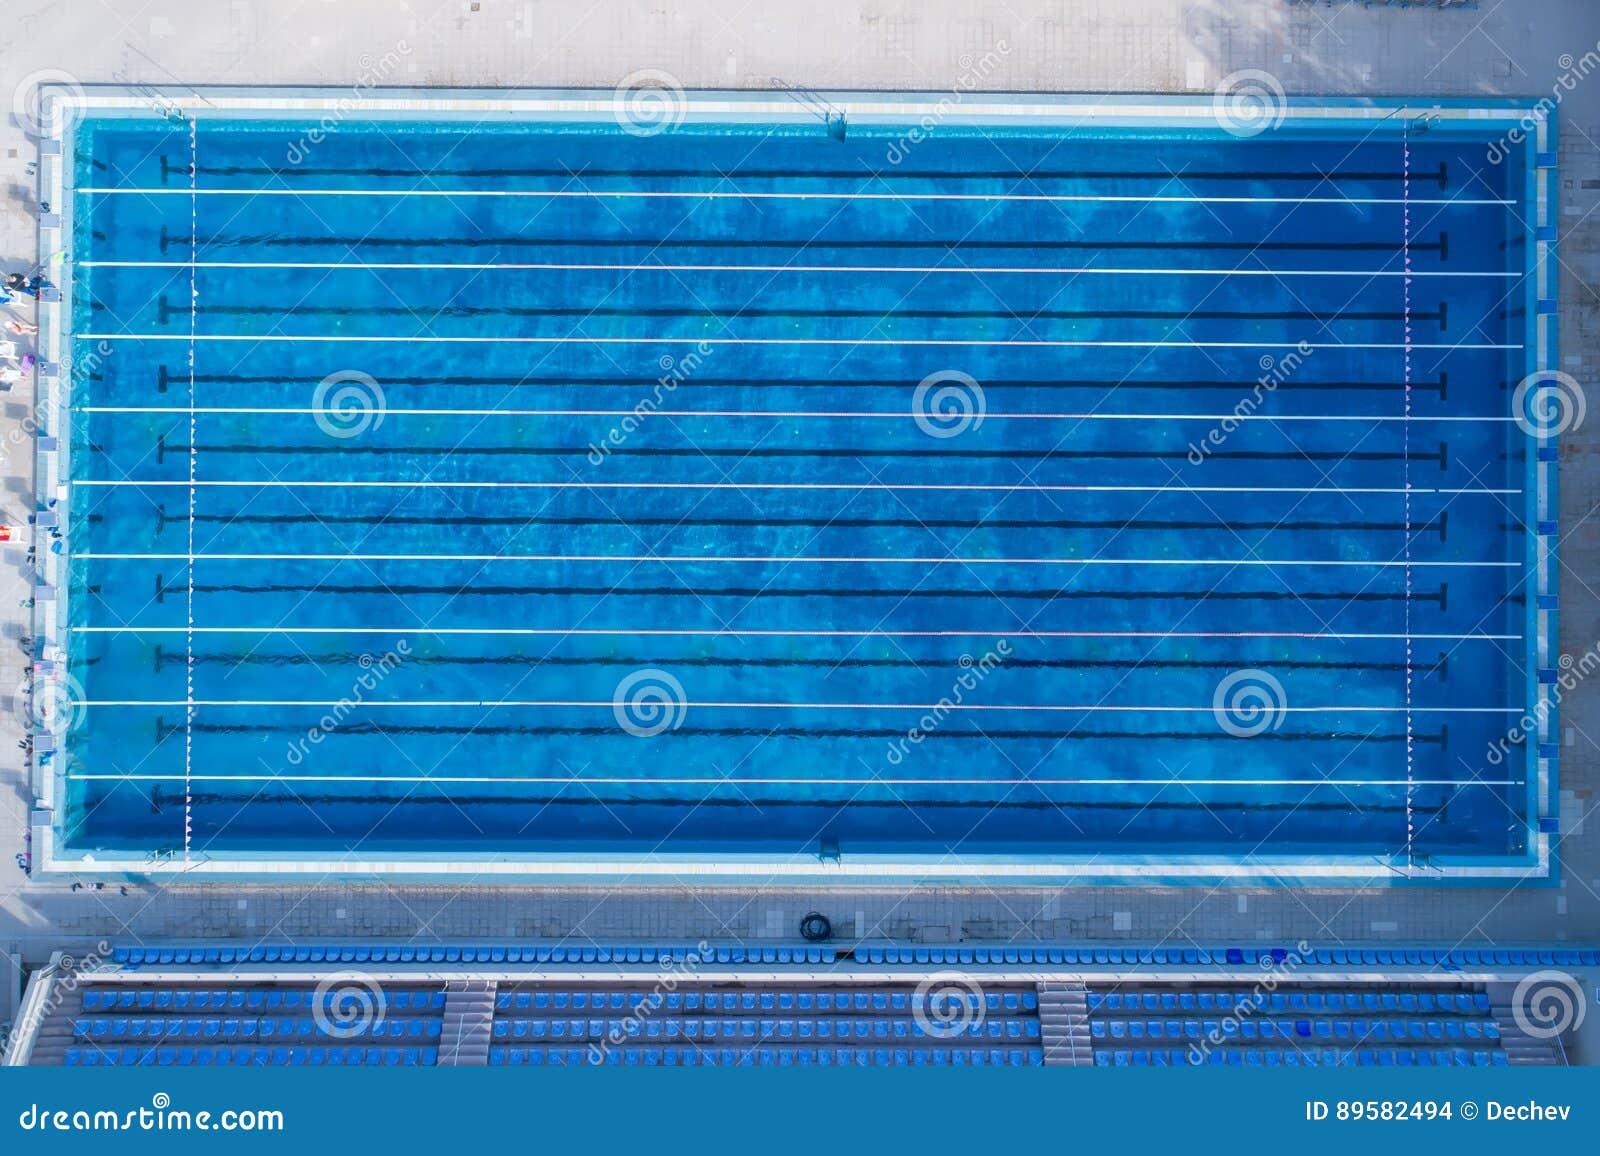 Bästa sikt, sikt för fågelöga av simbassängen med tydliga gränder och startande plattform